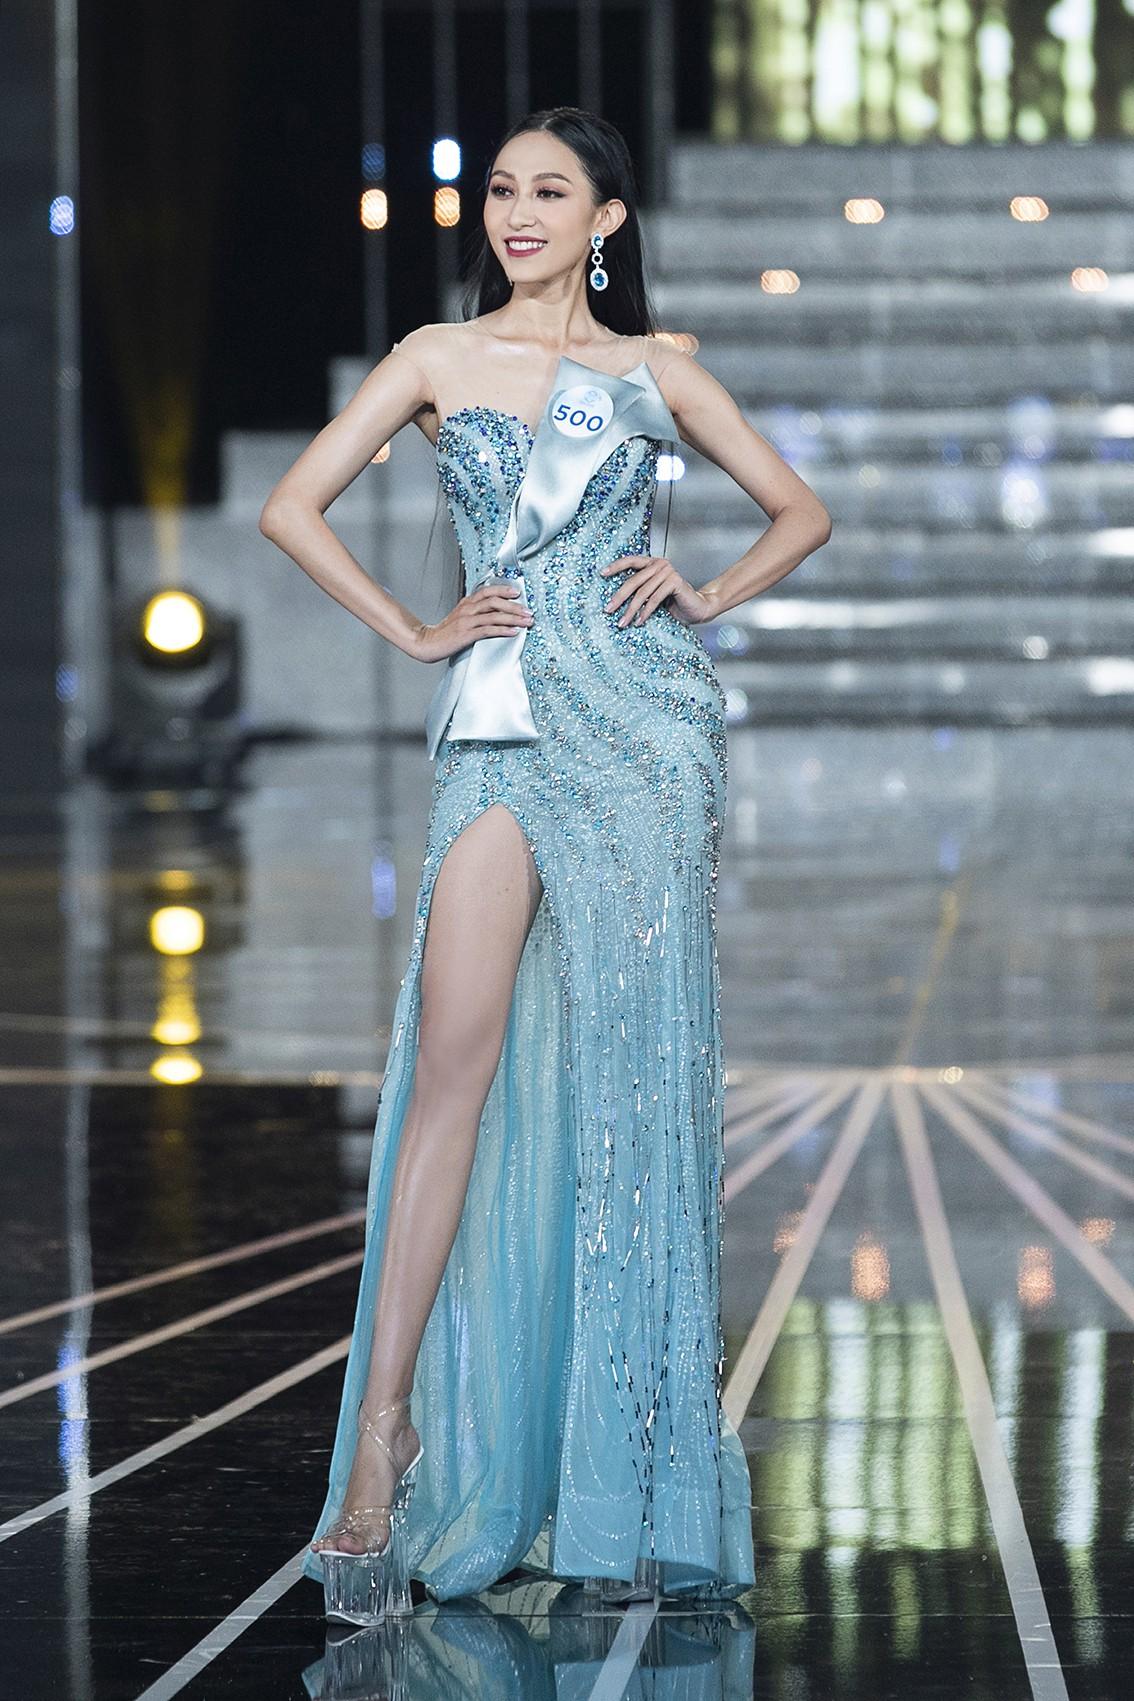 Màn dạ hội bay bổng của NTK Nguyễn Minh Tuấn trong đêm chung khảo phía Nam Miss World Việt Nam 2019 - Ảnh 6.